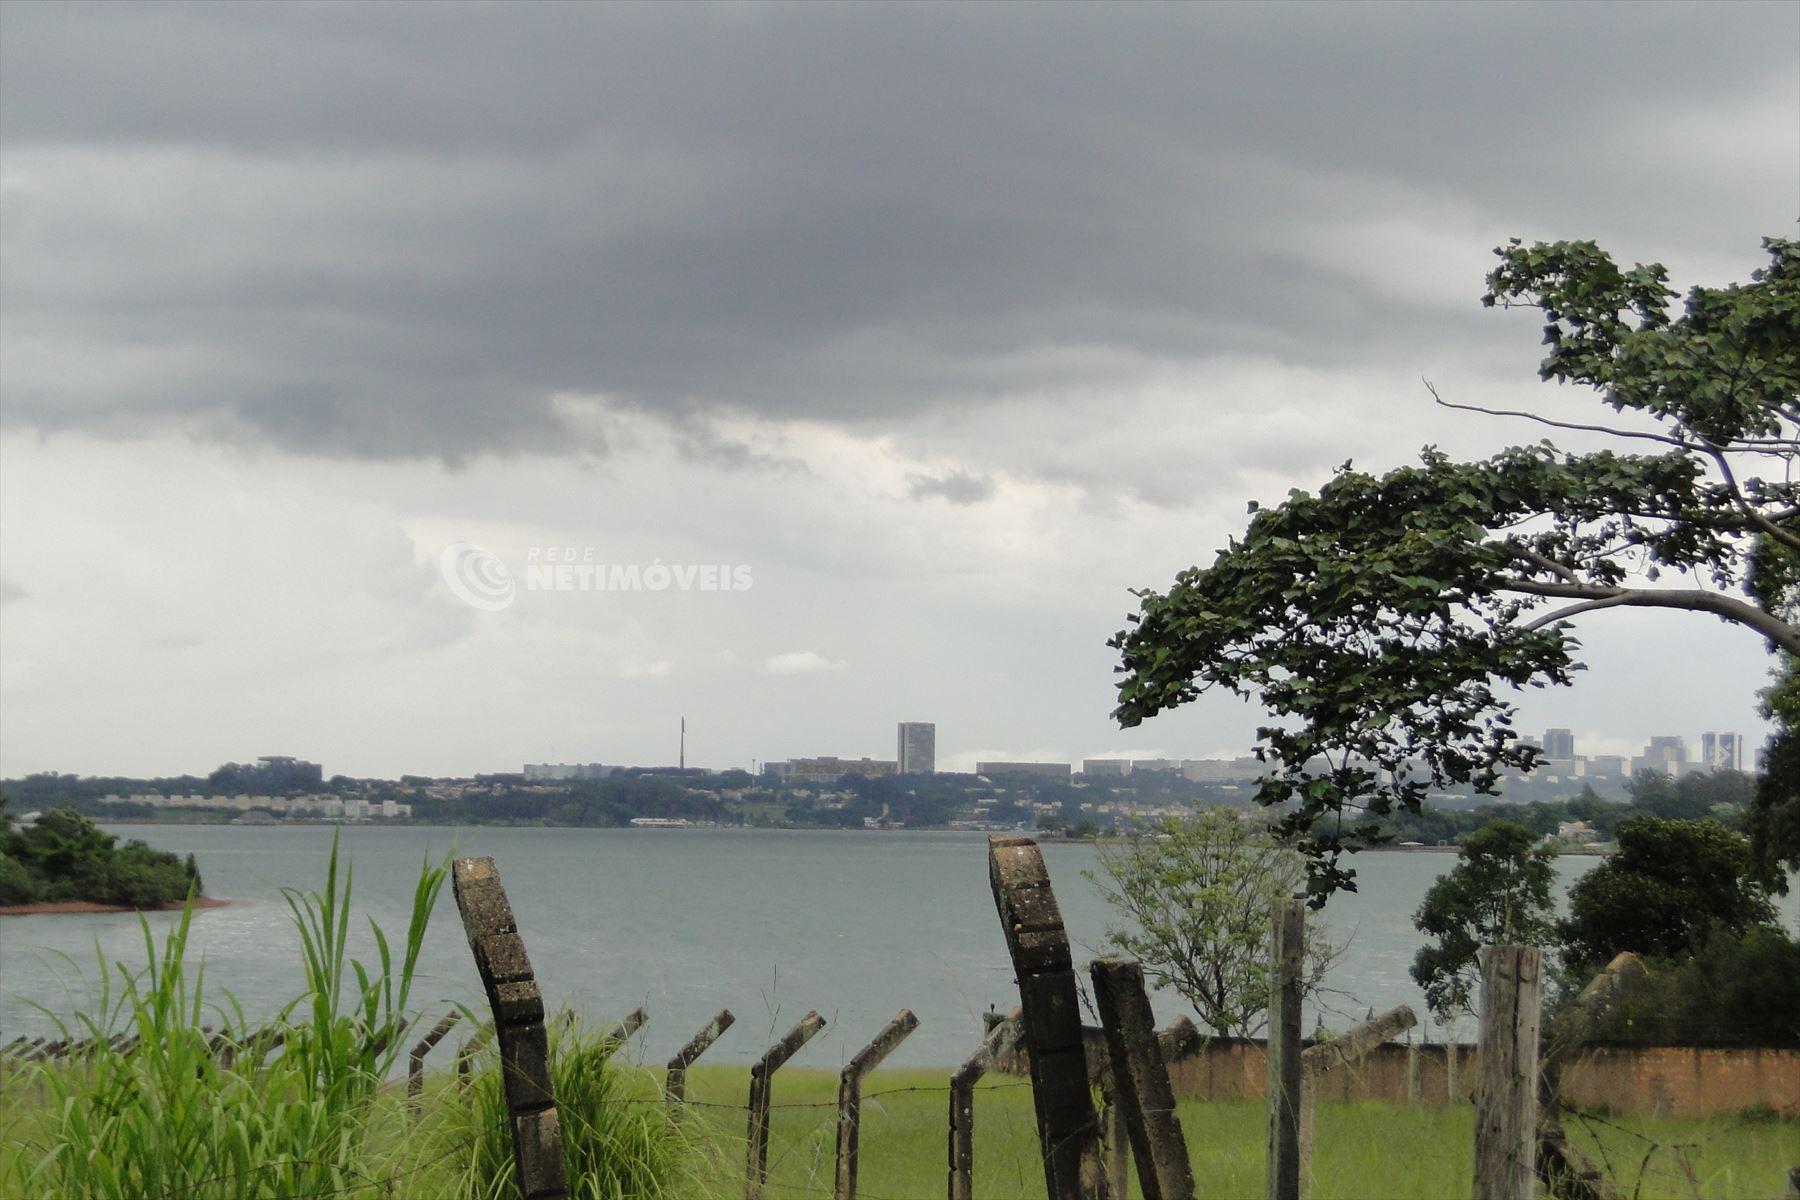 lote-área-terreno,distrito federal,lago norte,brasília,mi trecho 8,